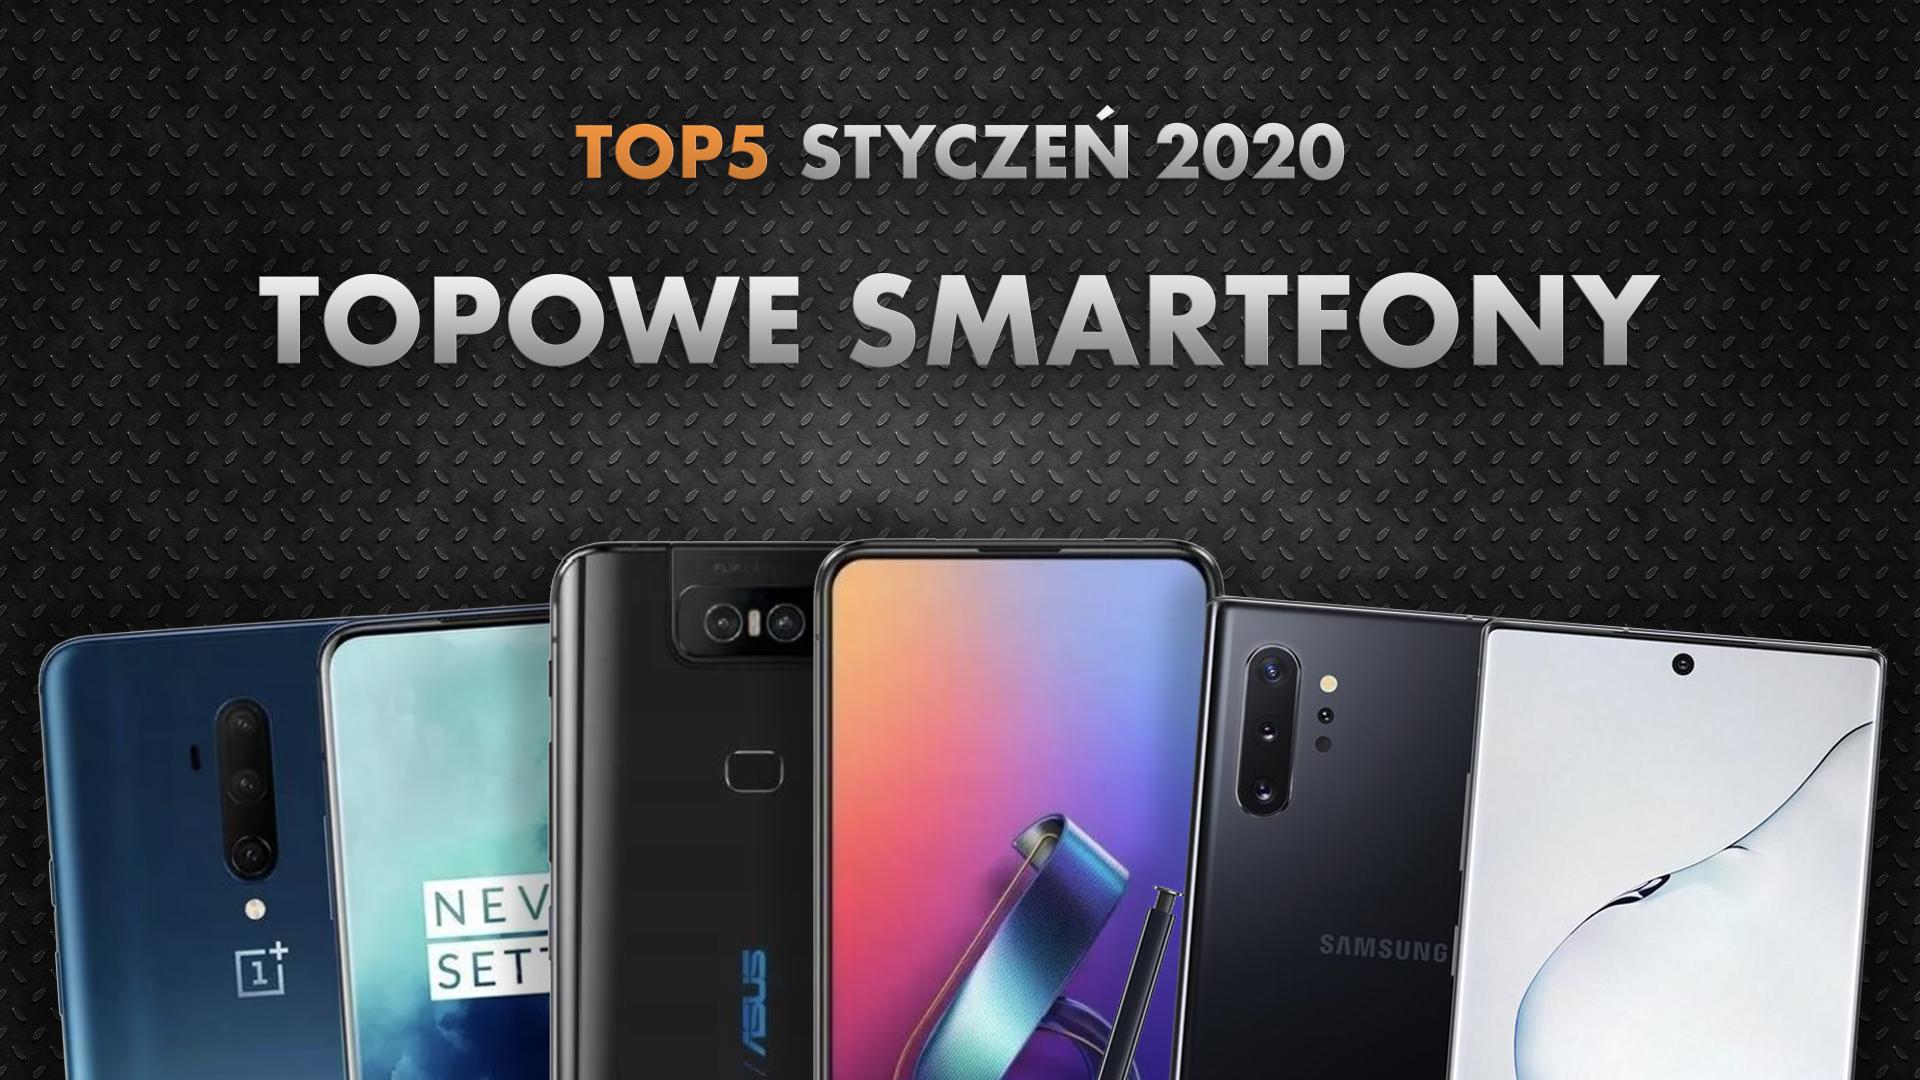 Jaki smartfon z najwyższej półki wybrać?   NASZE TOP 5   Styczeń 2020